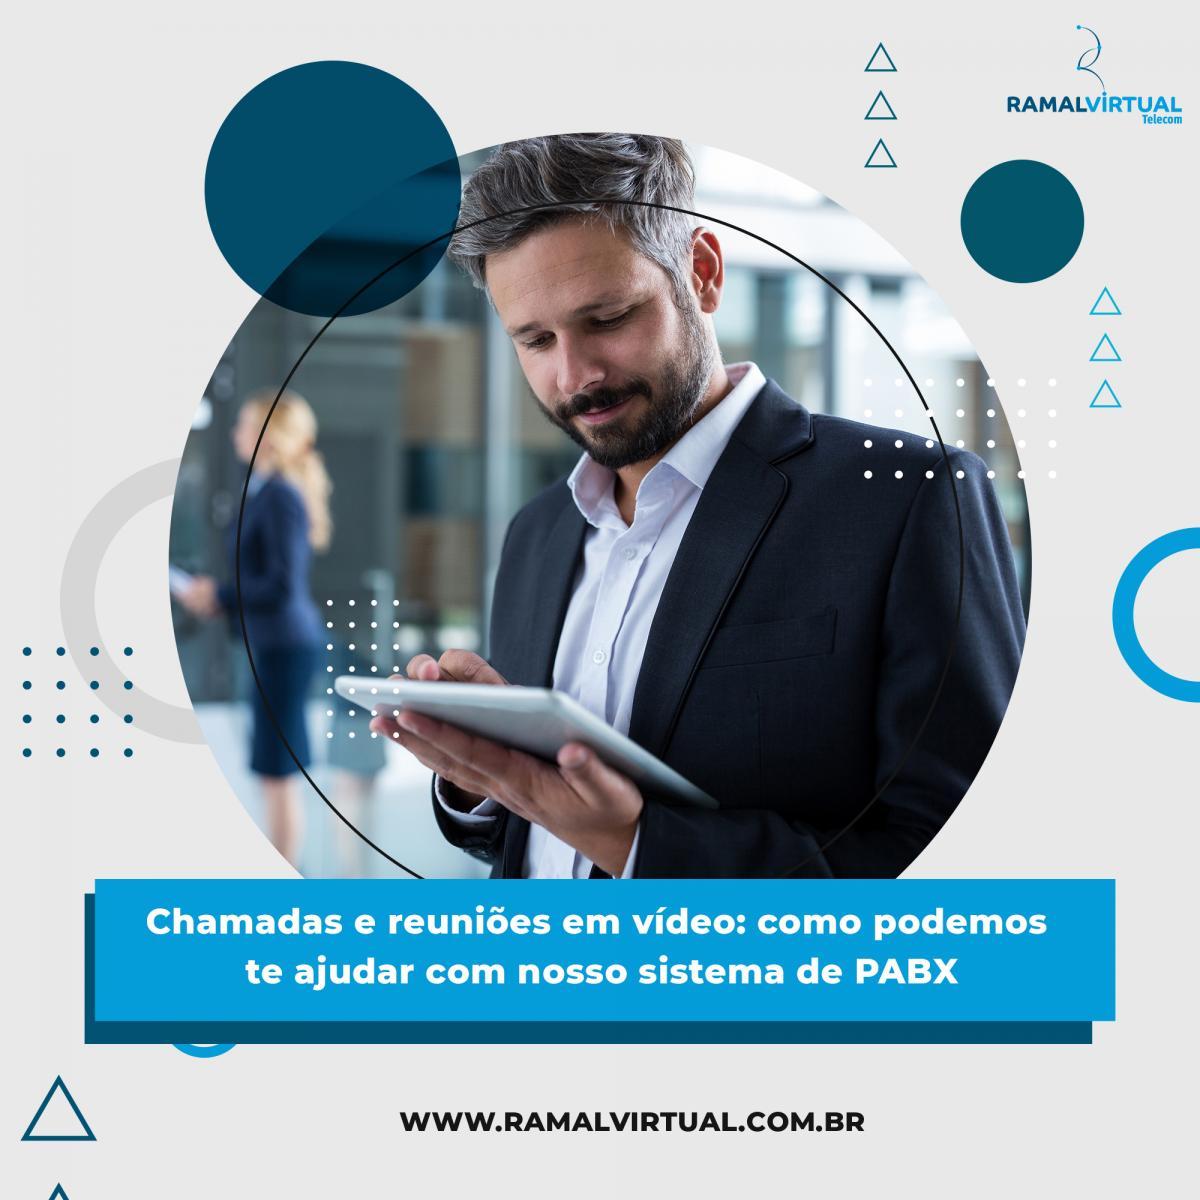 [Chamadas e reuniões em vídeo: como podemos te ajudar com nosso sistema de PABX]